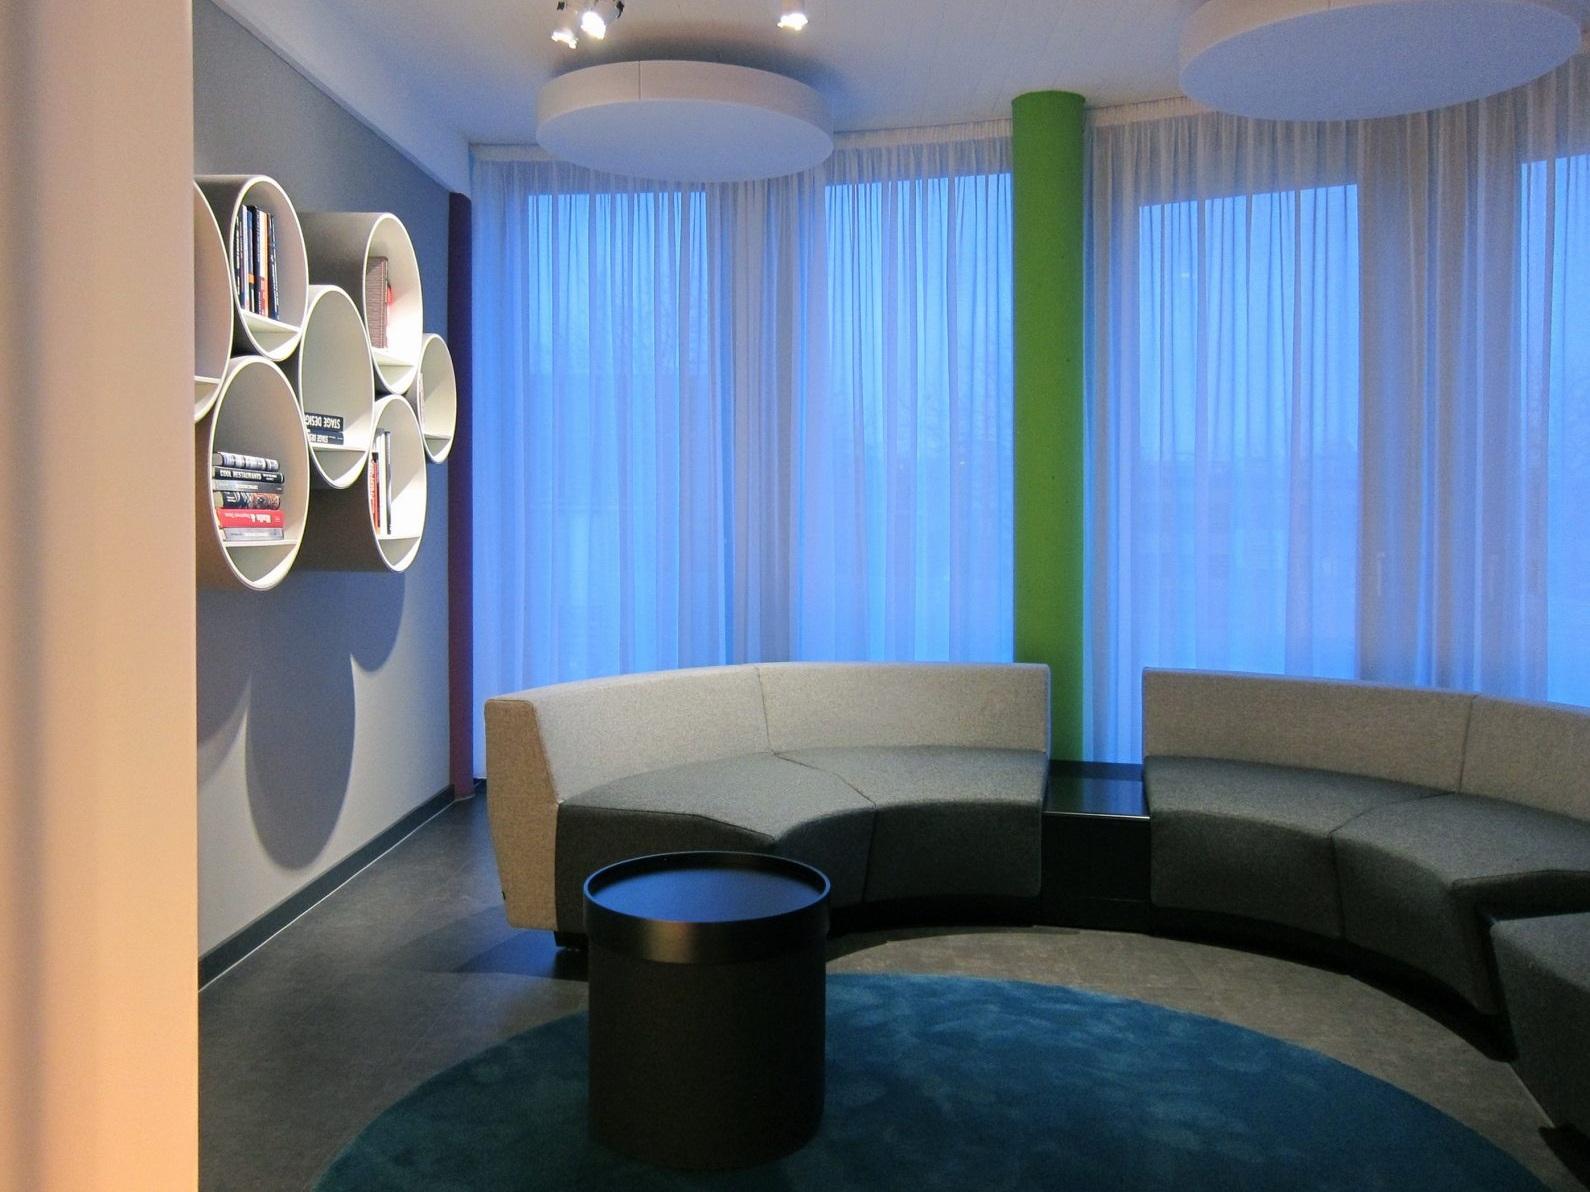 Pausen- und Präsentationsraum - Lounge